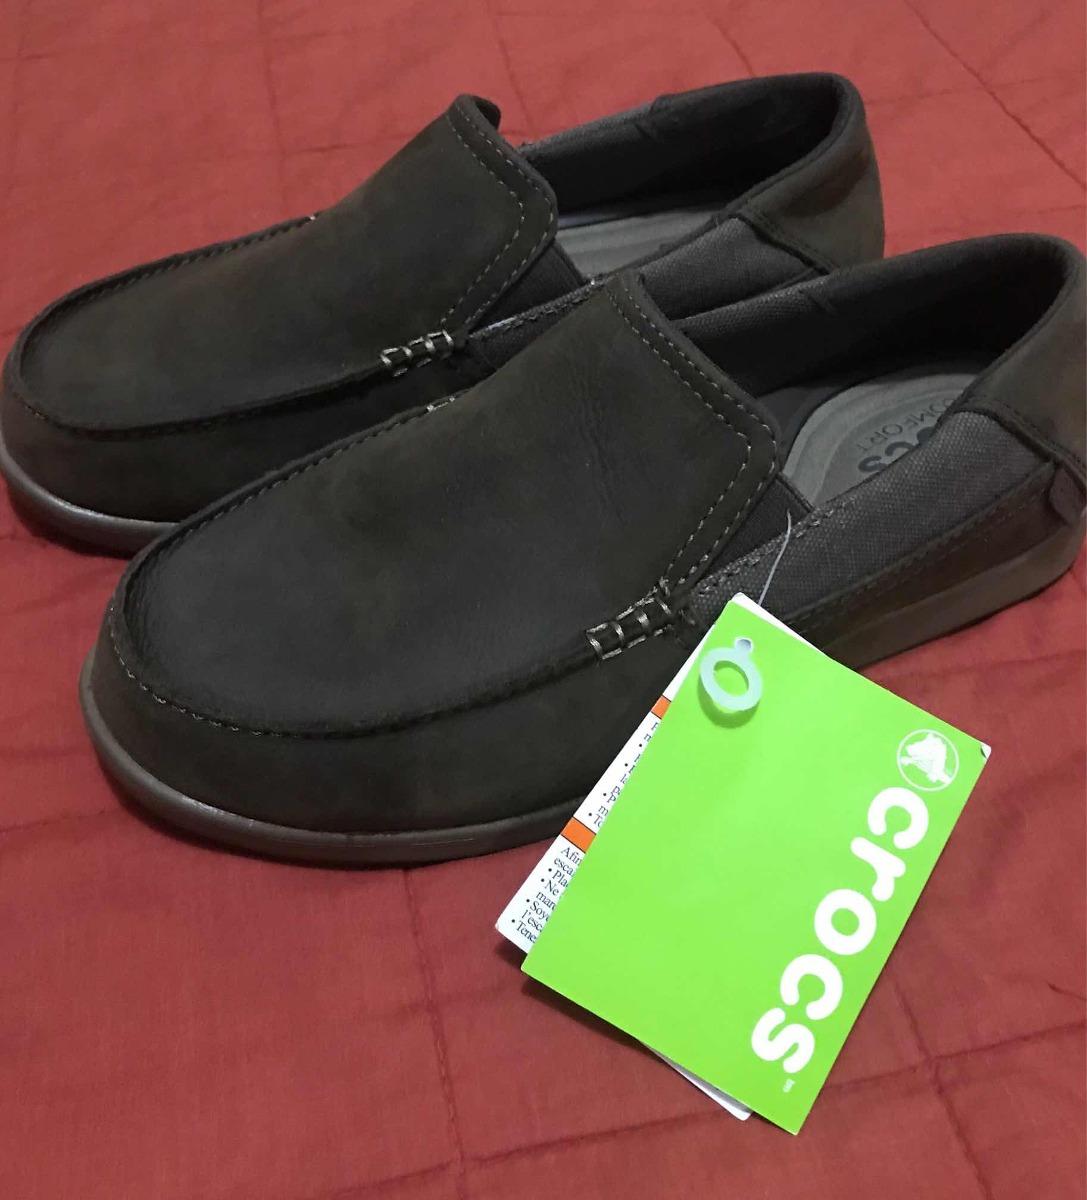 31d06ee77d4a Zapatos Crocs Originales De Cuero Talla 7 (38 39) - Bs. 650